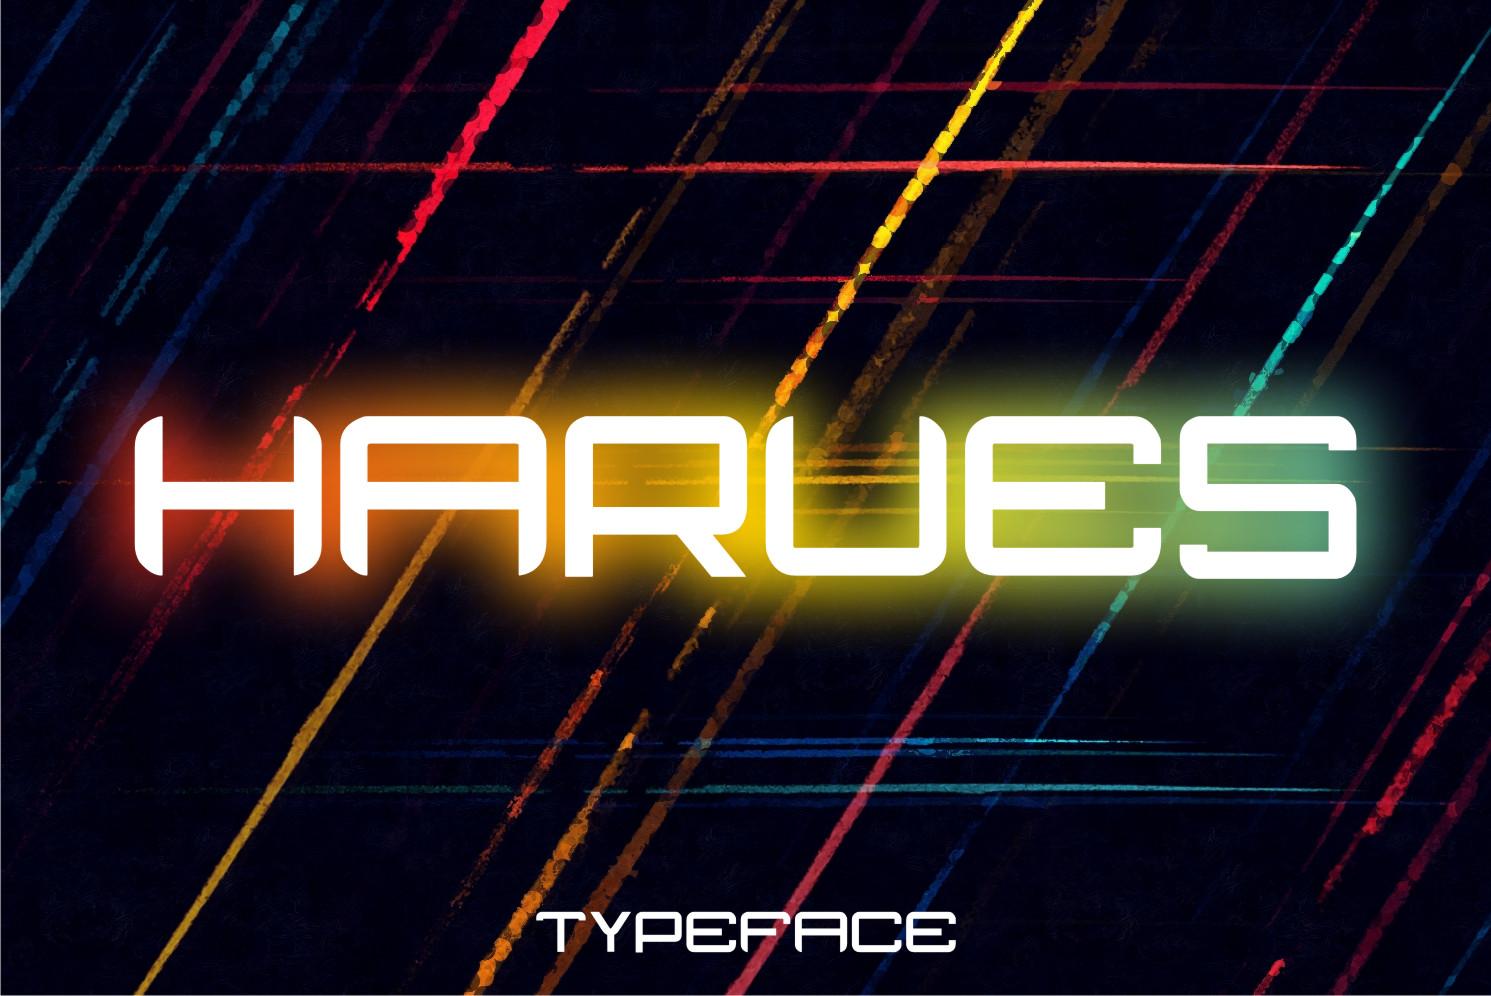 Harues Display Font